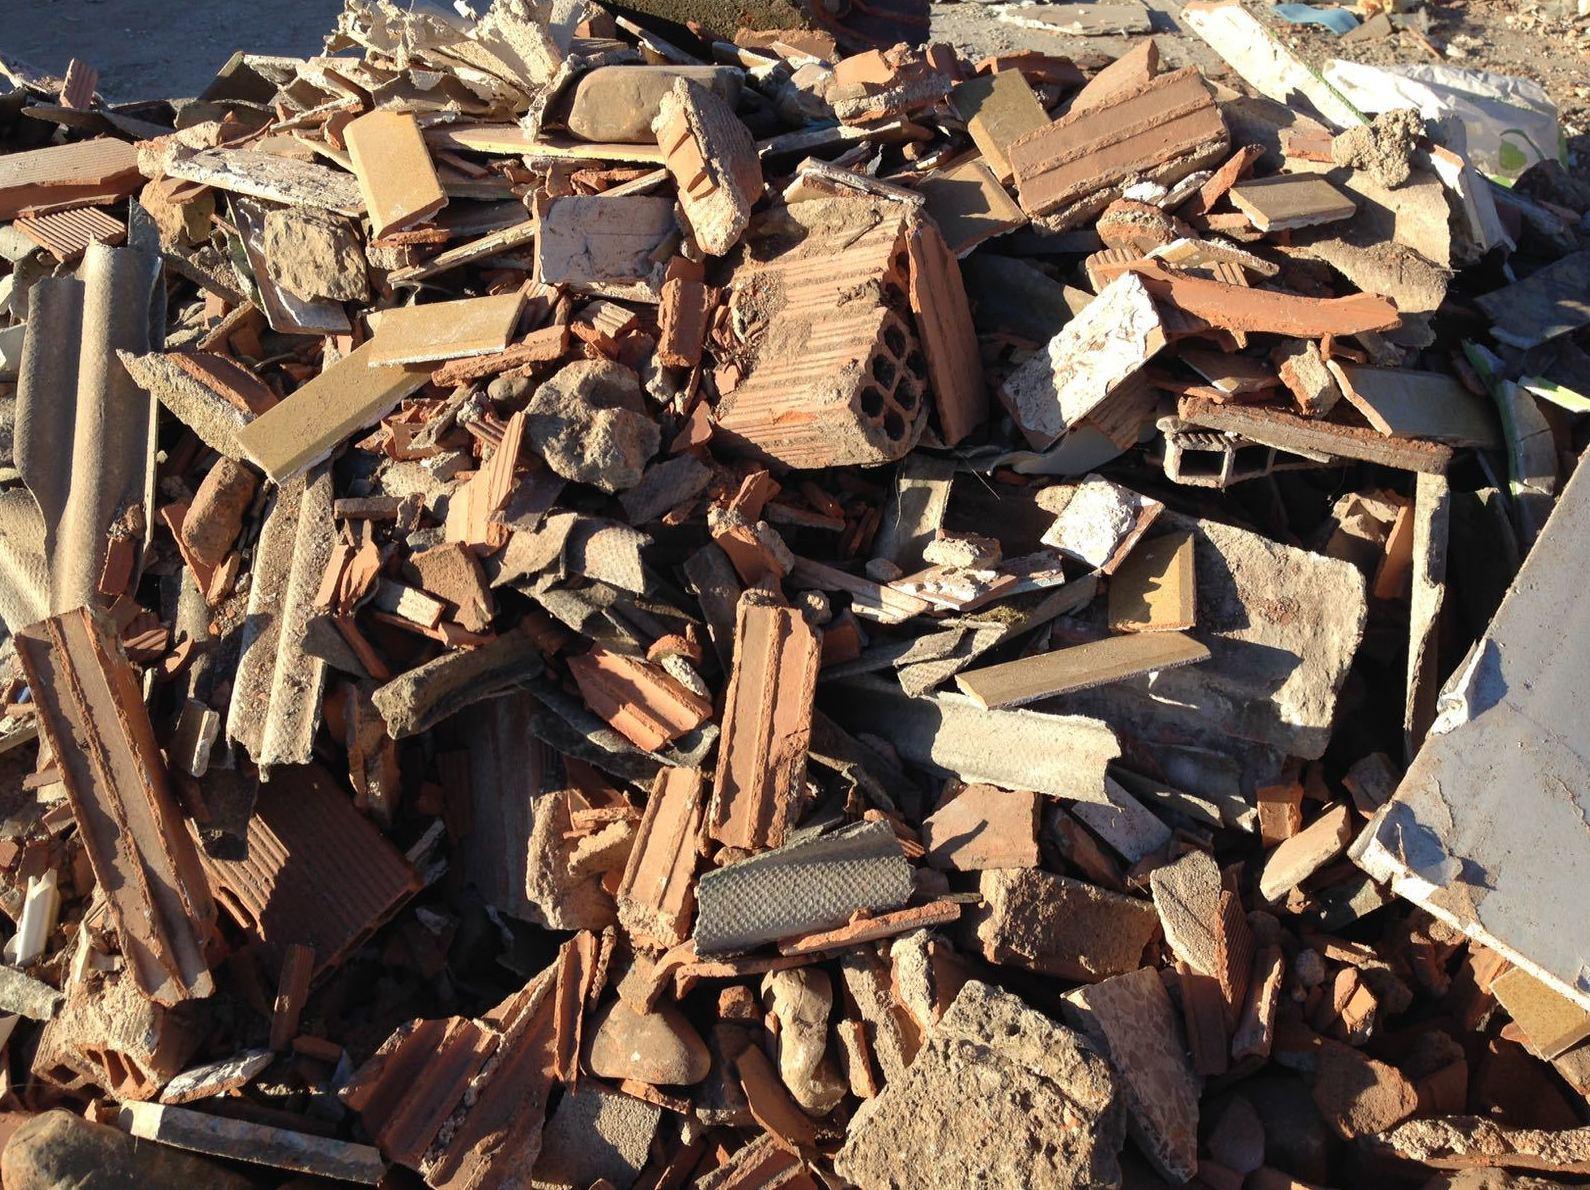 Restos de amianto encontrados entre escombros en Salamanca